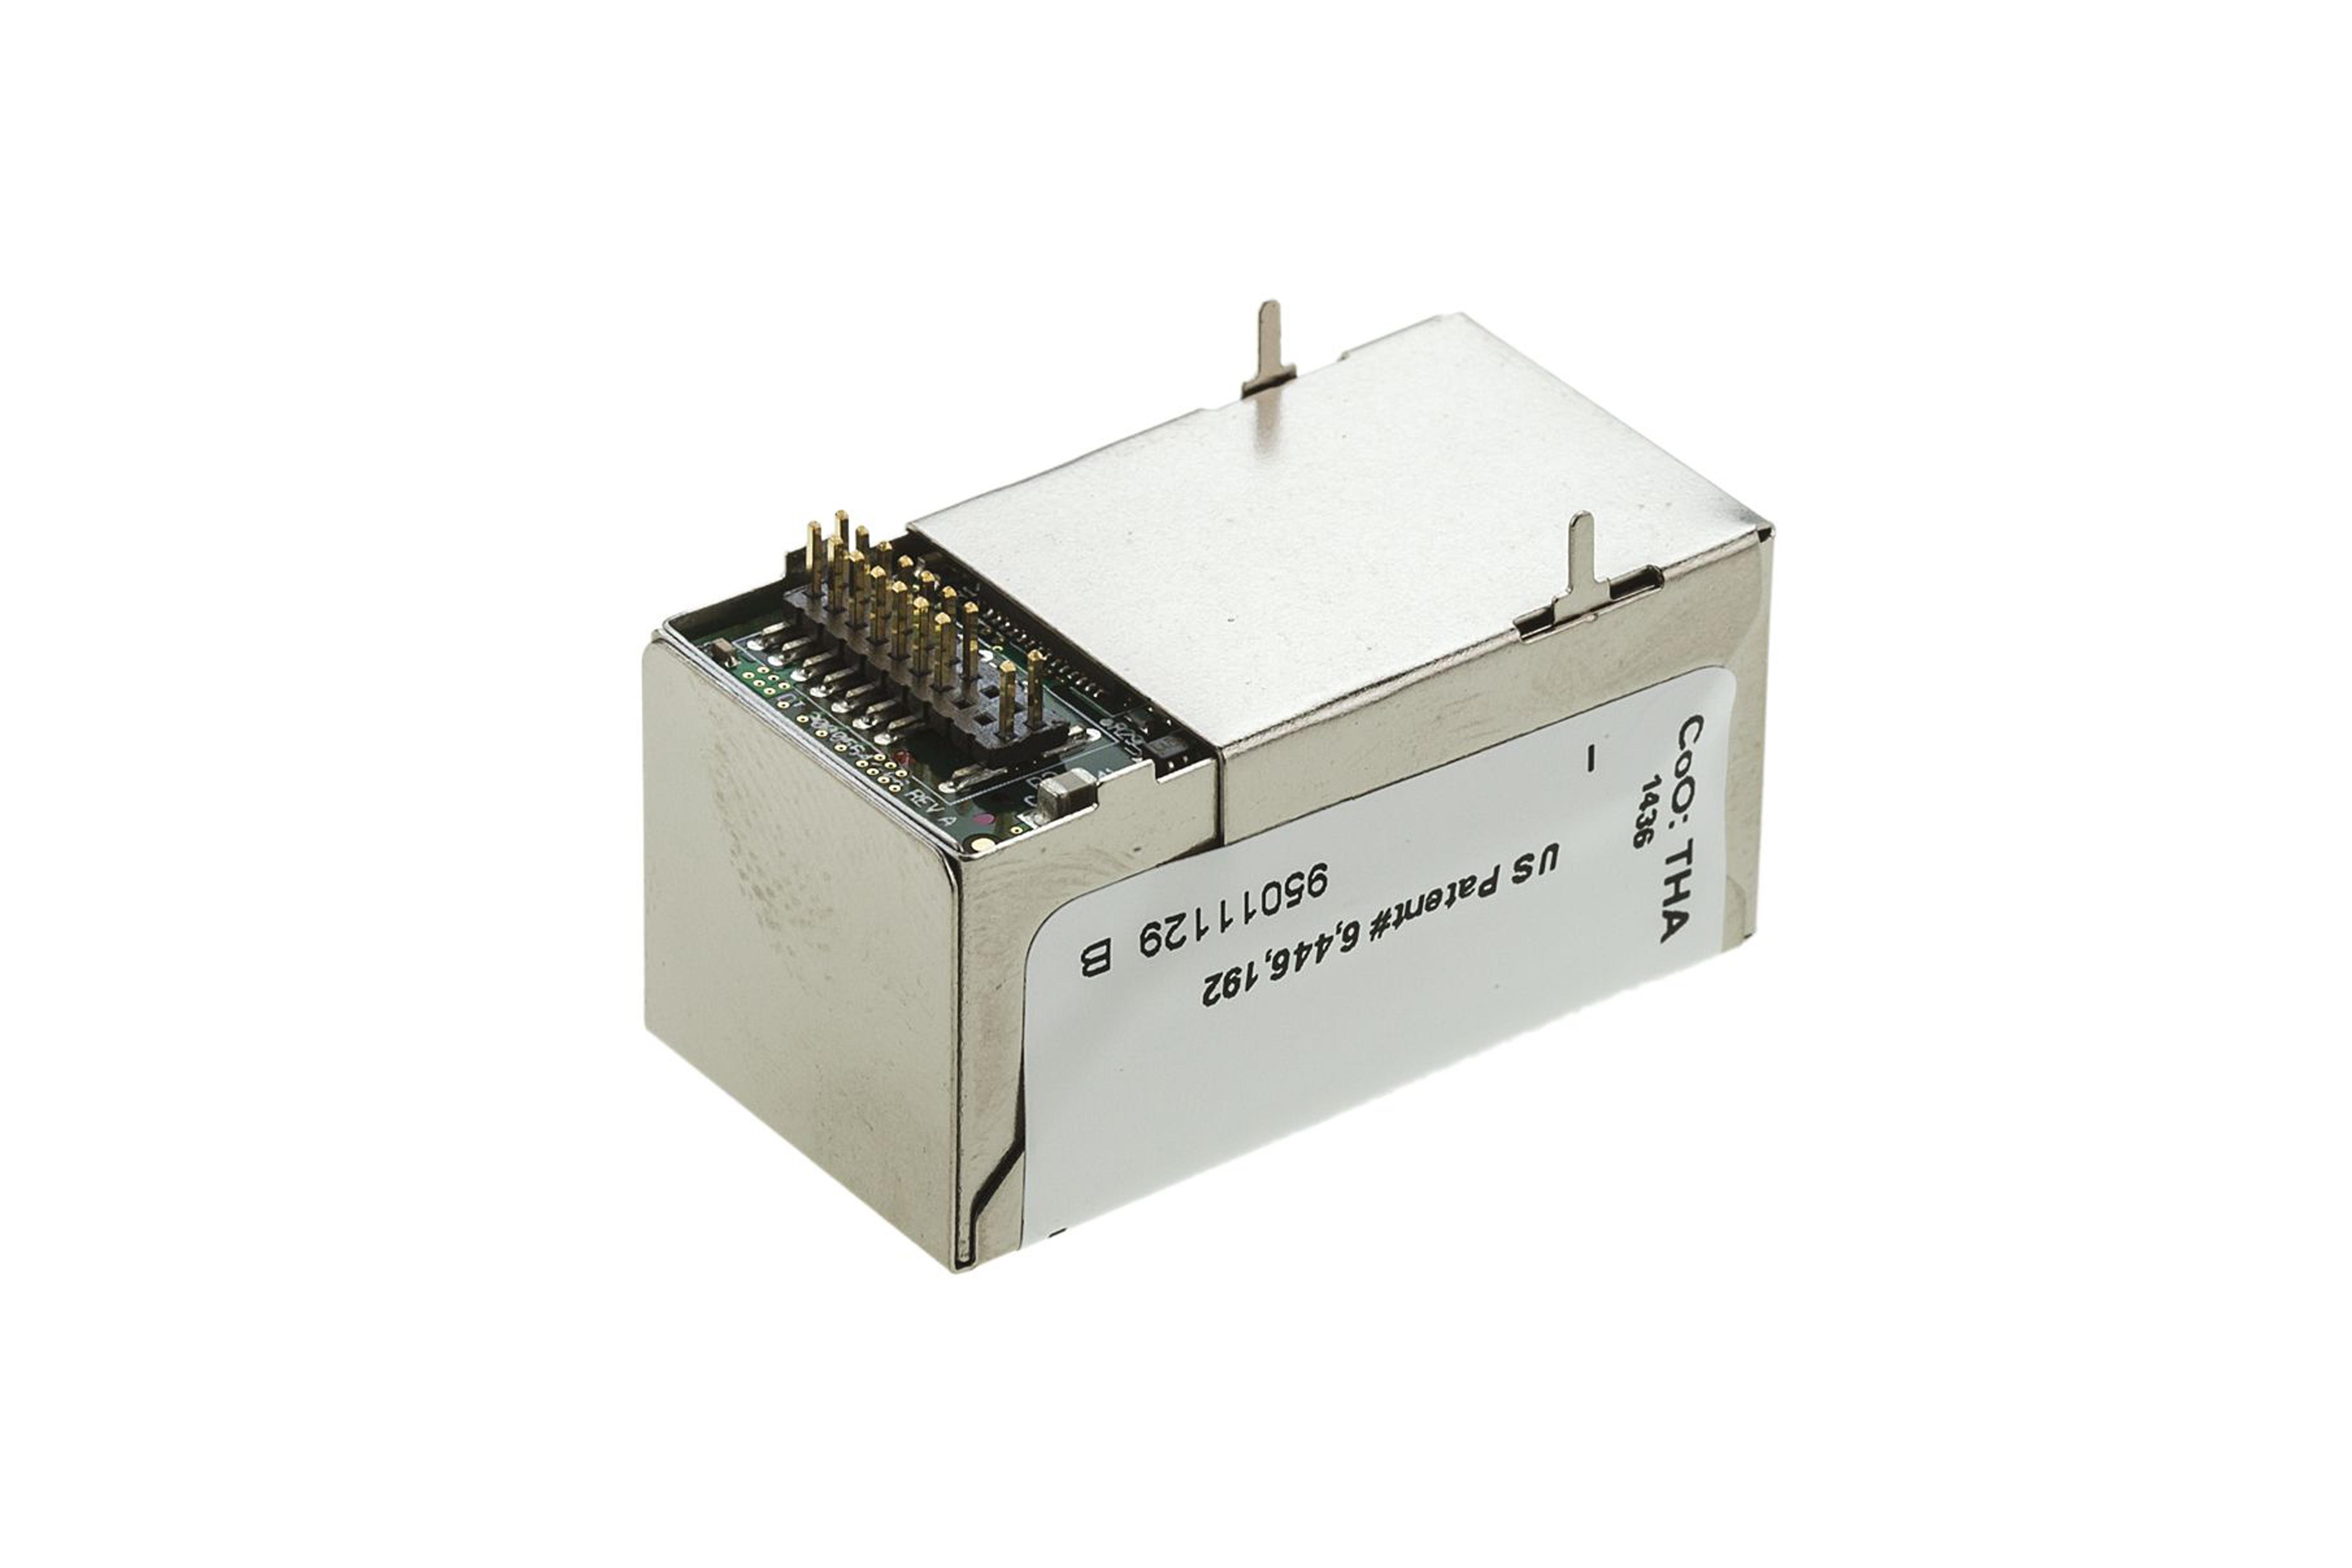 Connect ME-module standaard F/W 2 MB Flash